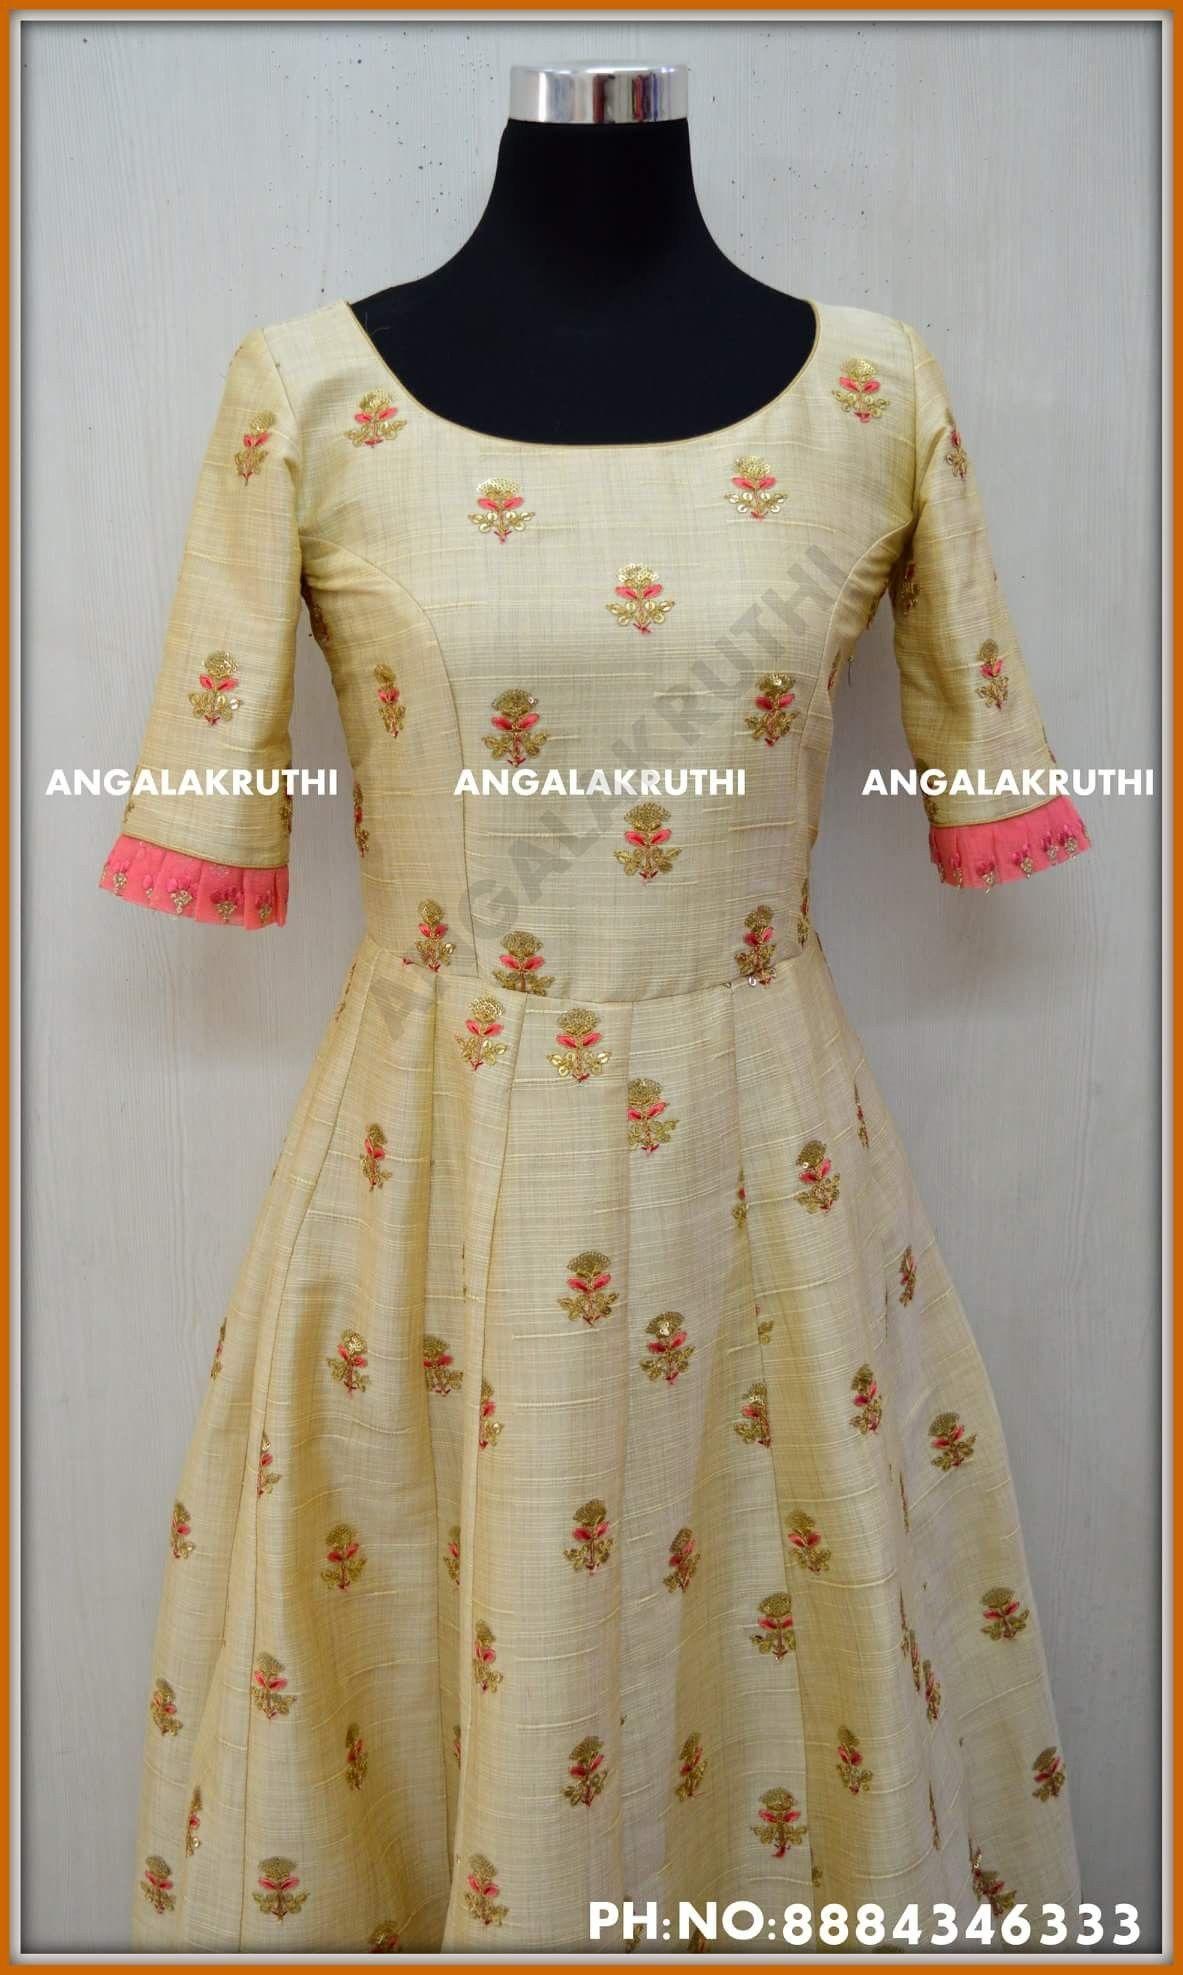 Custom Designs By Angalakruthi Boutique Bangalore Long Gown Designs Anarkali Custom Designs In Indian Gowns Dresses Dress Neck Designs Indian Outfits Lehenga